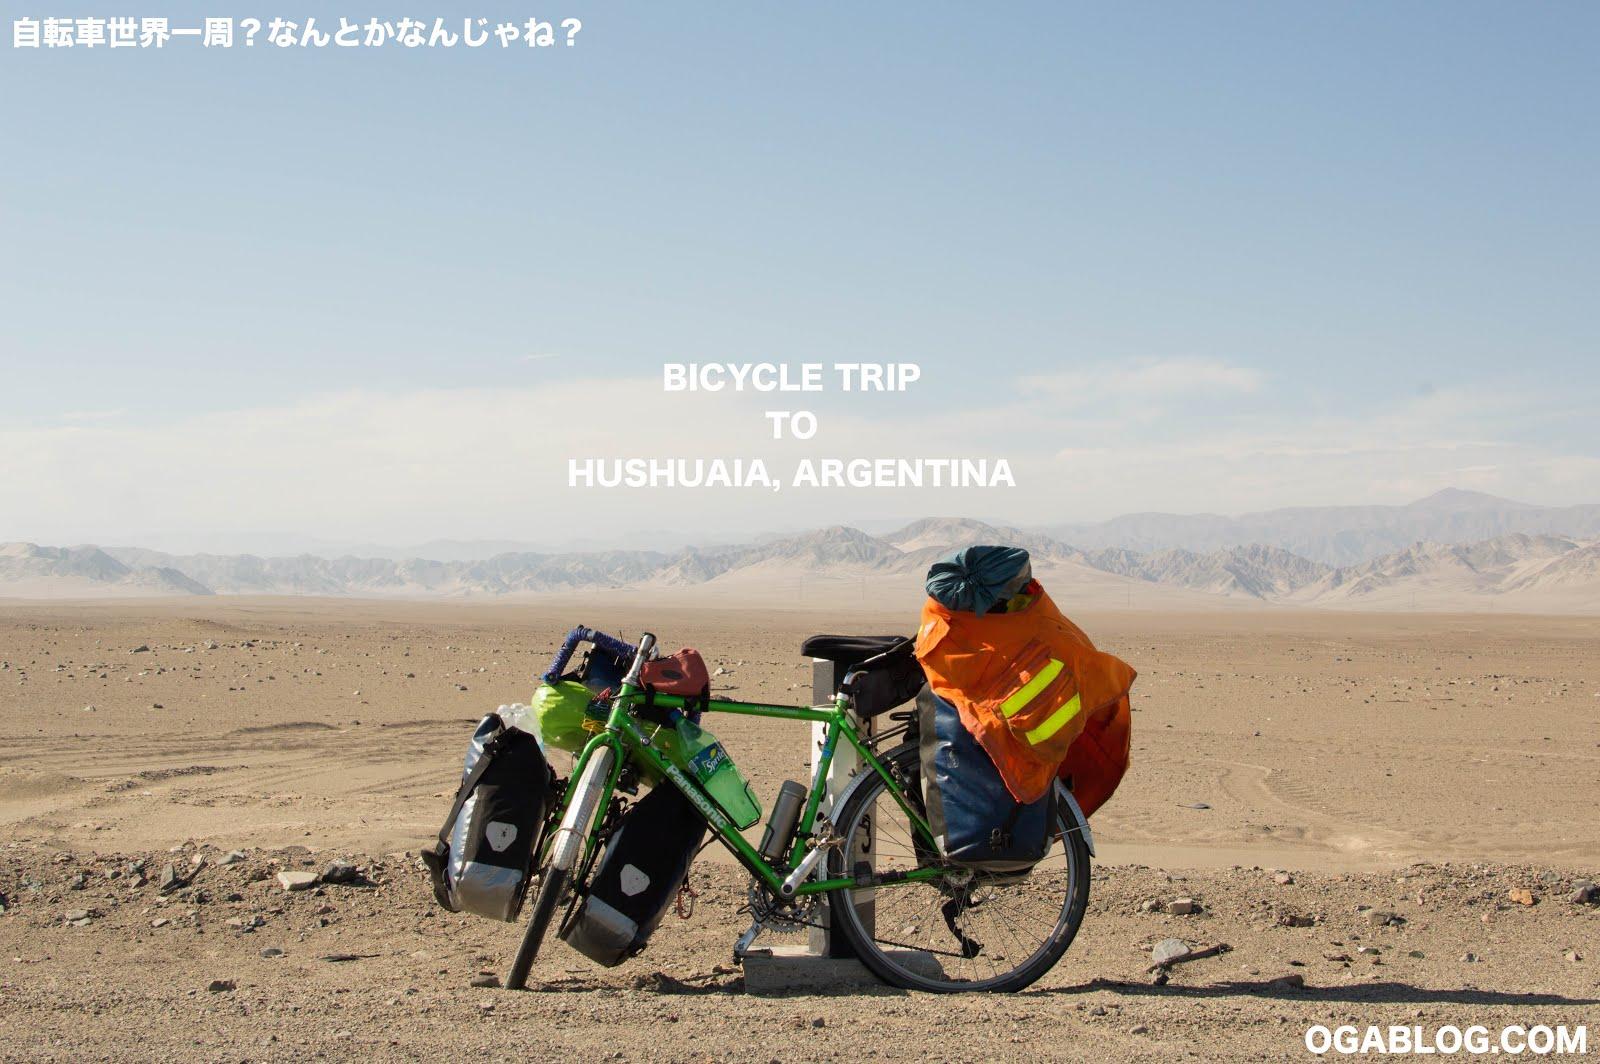 自転車世界一周? なんとかなんじゃね?